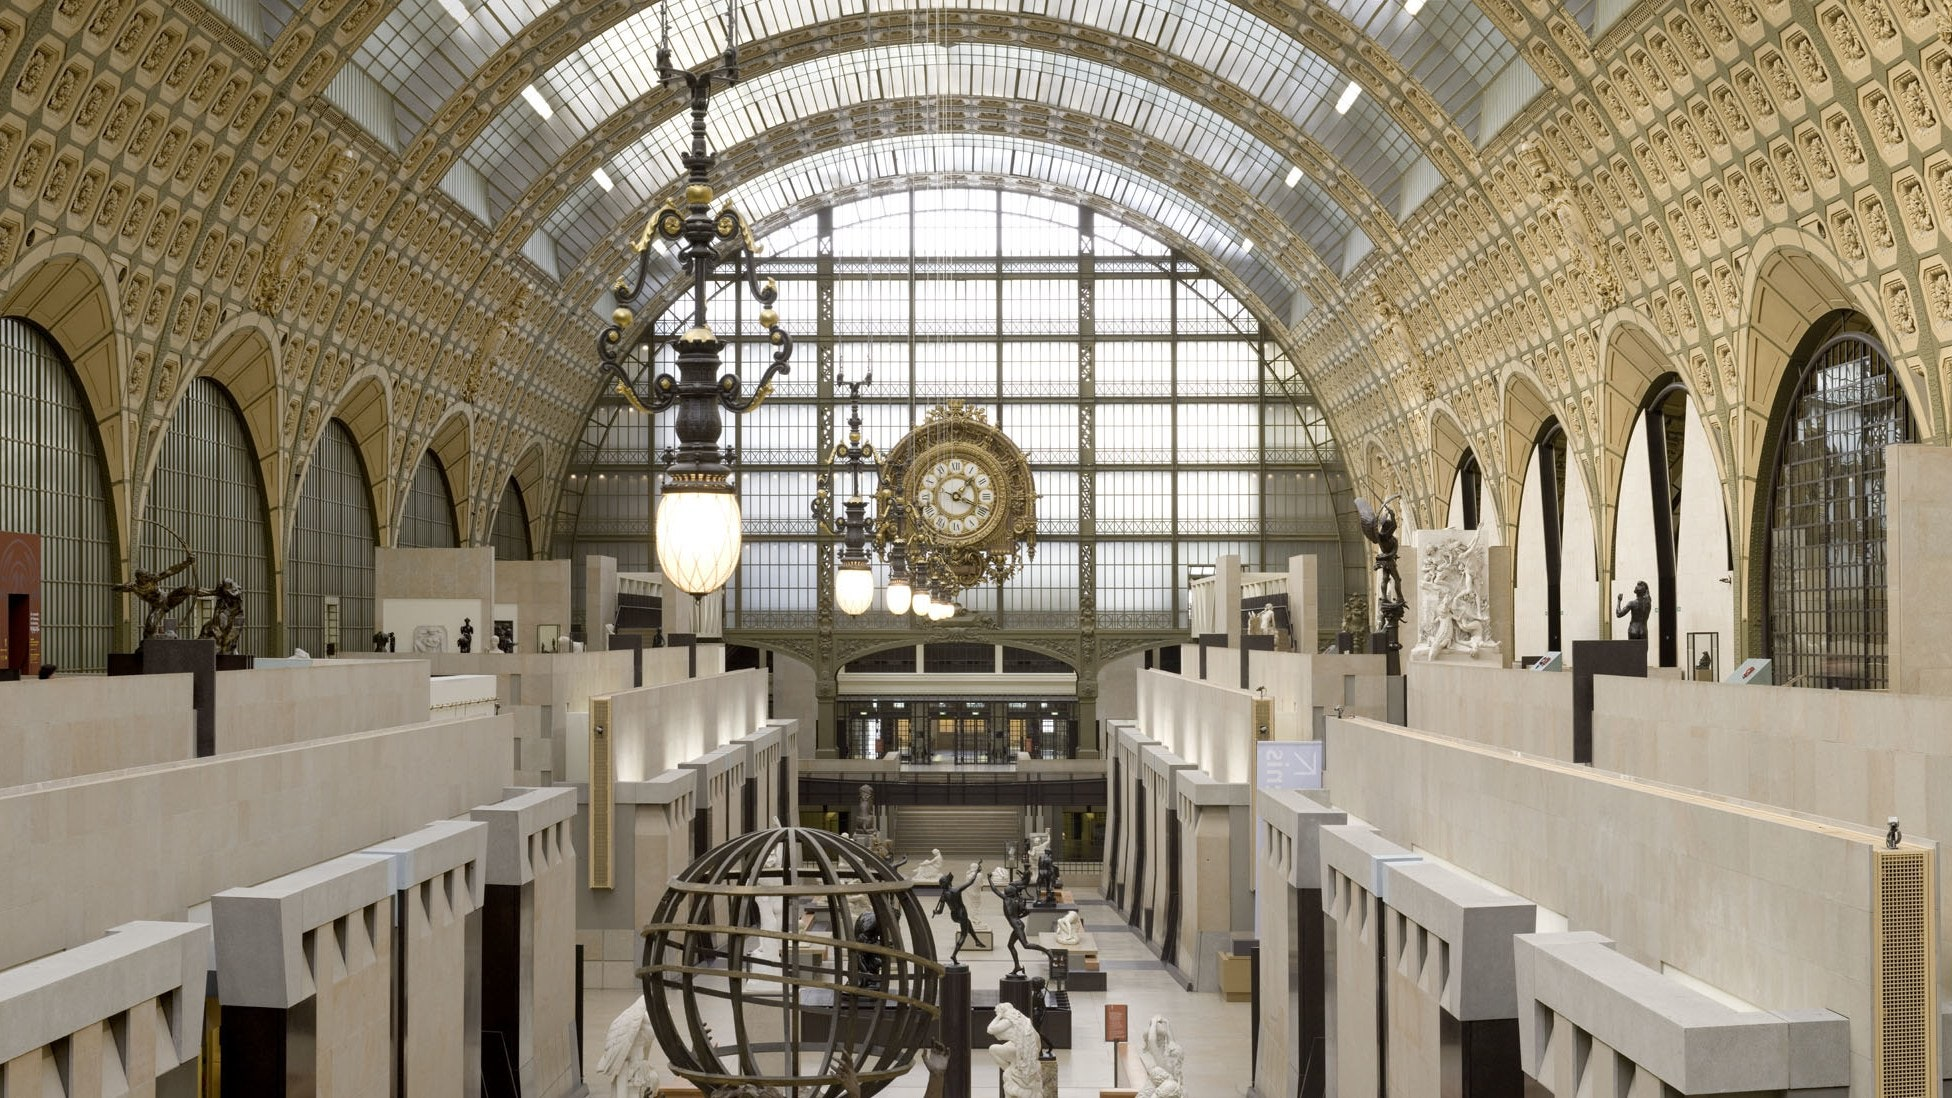 Una donazione anonima permetterà grandi lavori di ampliamento per il Musée d'Orsay; questa e molte altre le notizie dal mondo dell'arte dell'ultima settimana (Photo by Sophie Crépy. Image courtesy of Musée d'Orsay)